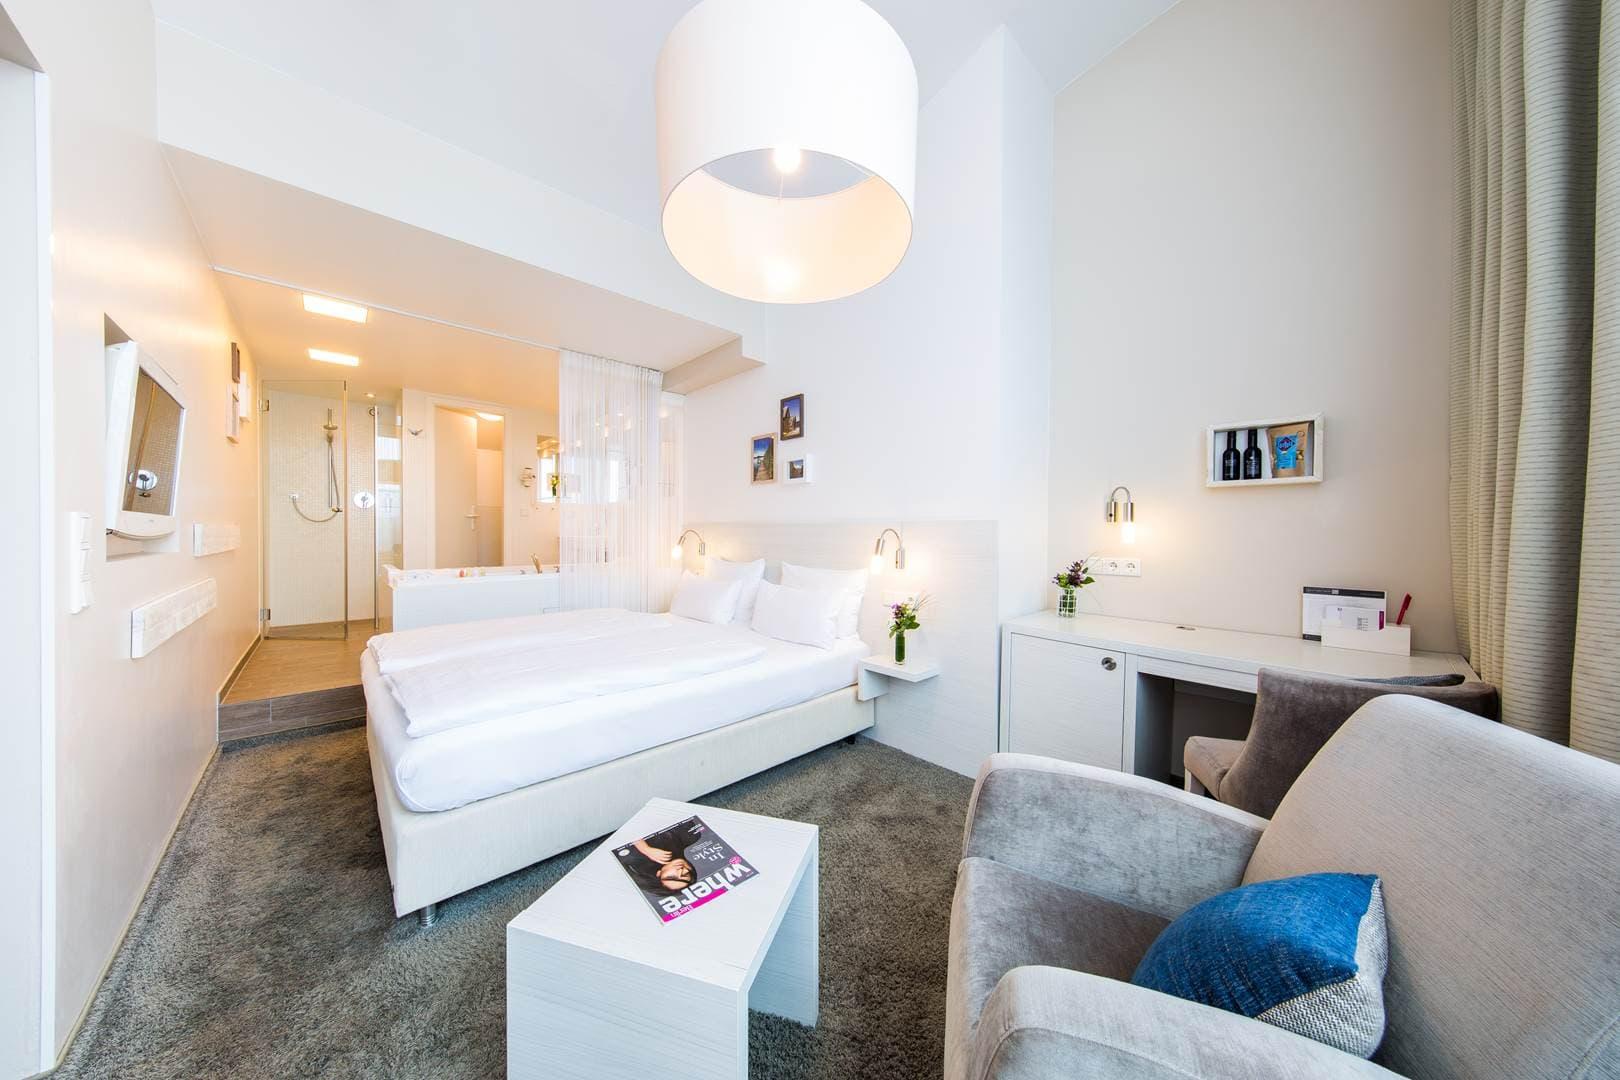 Unser Badezimmer im fjord hotel berlin | LINDEMANN HOTELS®